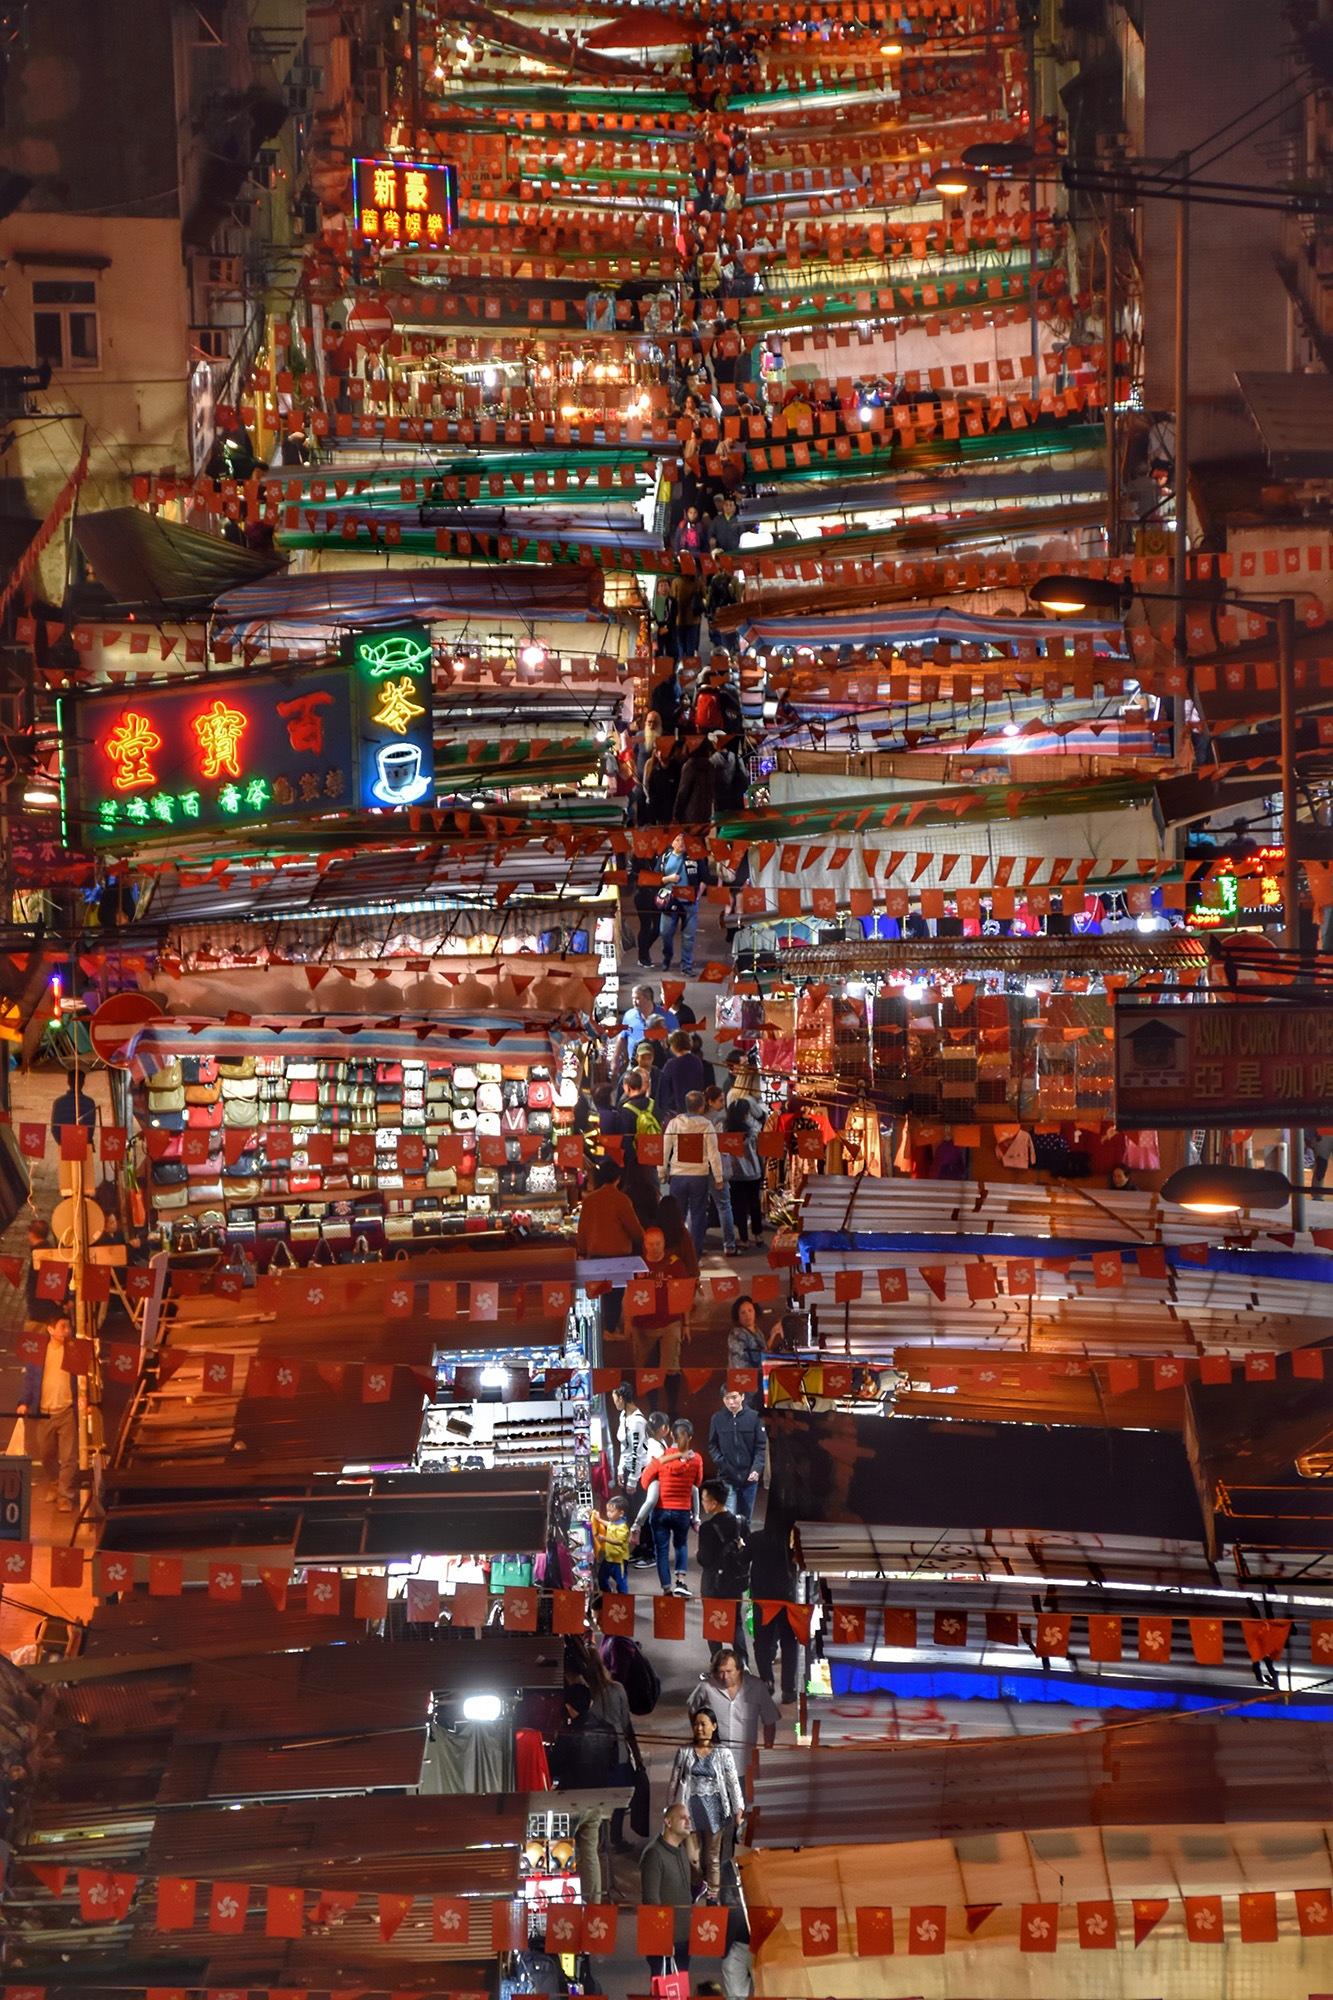 Night Market by Andrea Papageorgiu